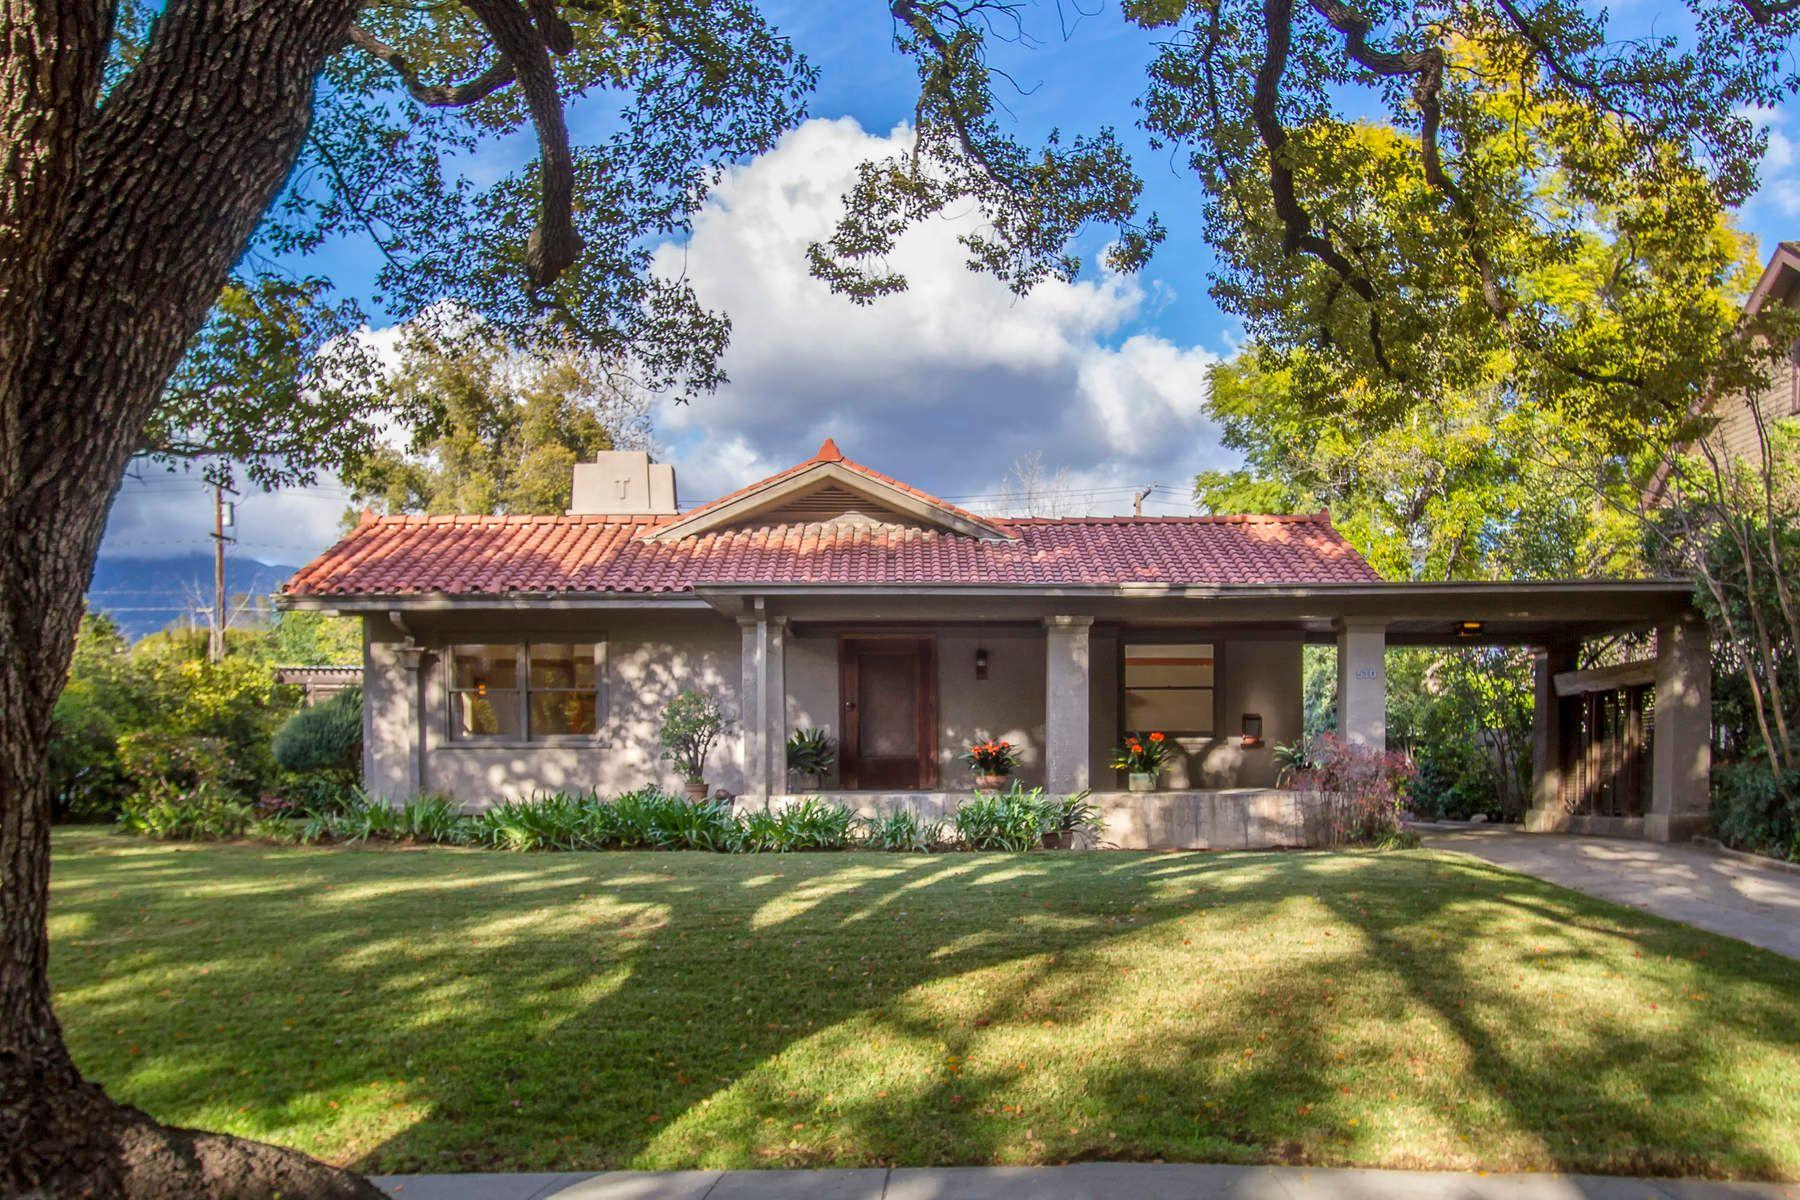 Casa para uma família para Venda às Historic Prospect Park Craftsman 510 Prospect Boulevard, Pasadena, Califórnia, 91103 Estados Unidos